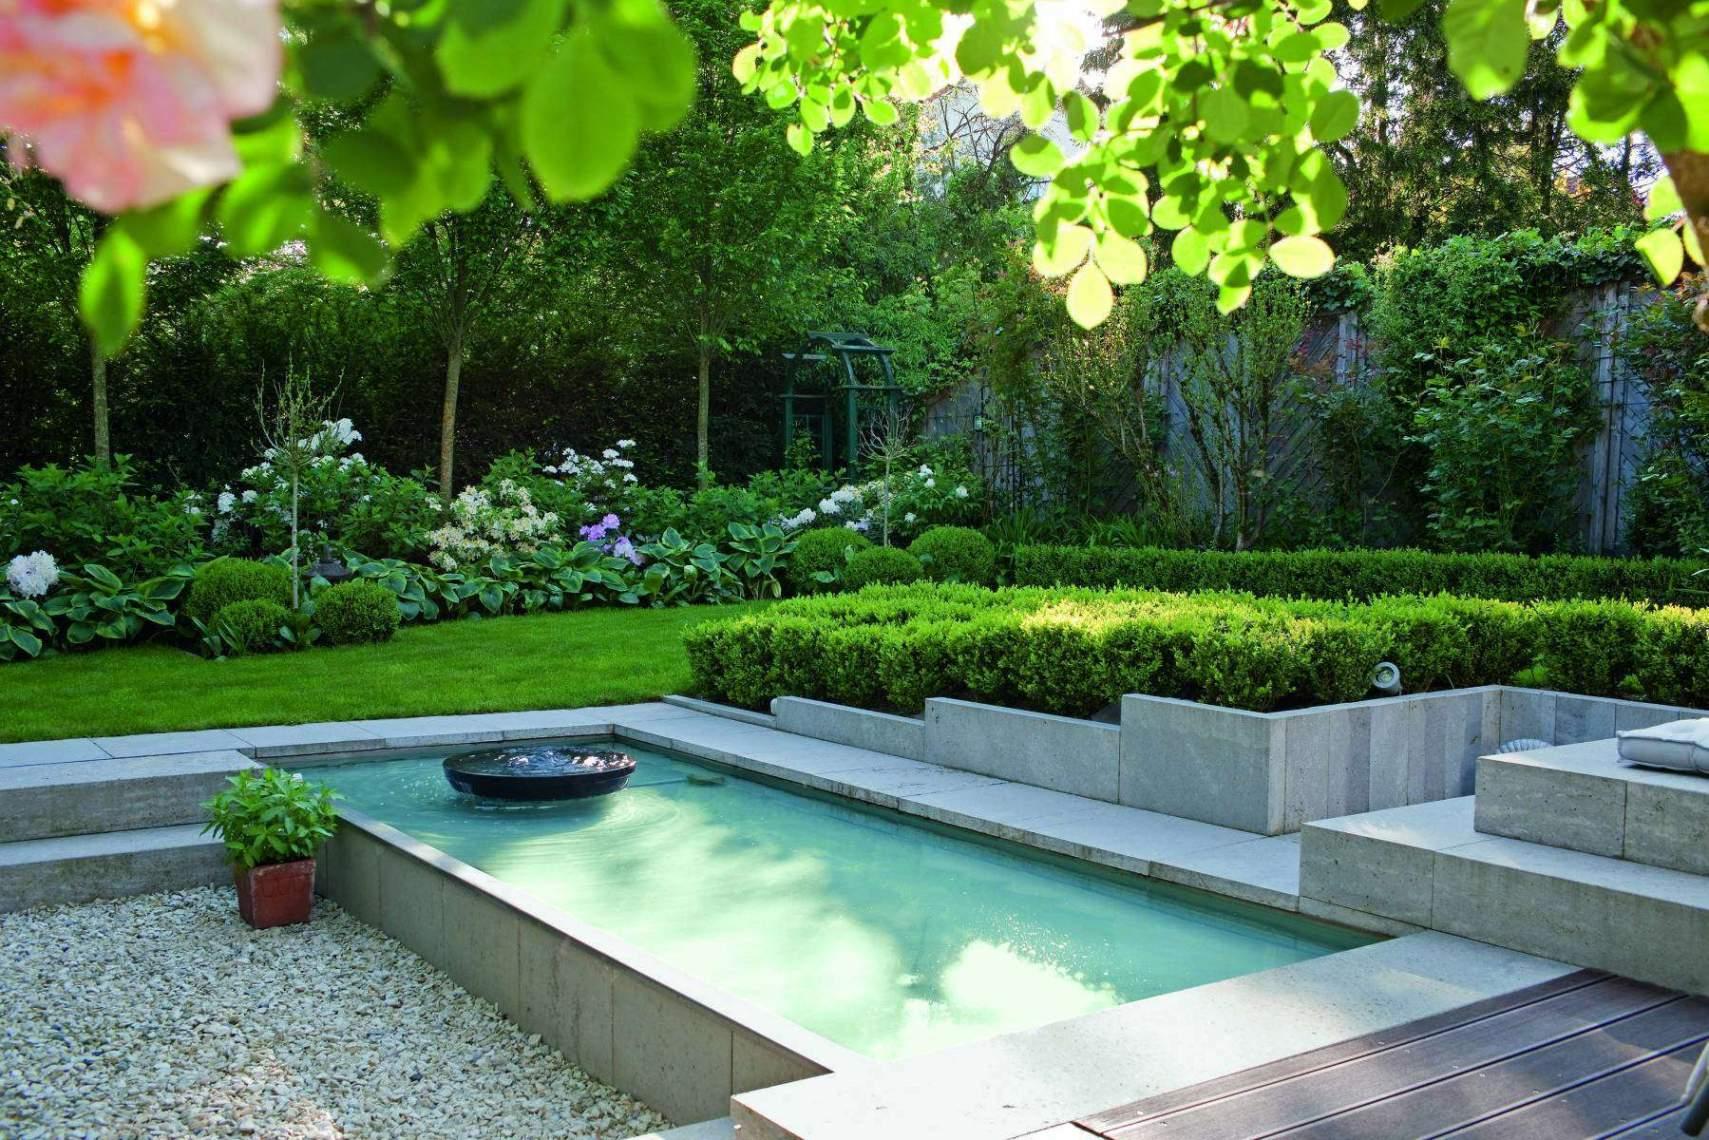 schone garten bilder luxus kleine pools fur kleine garten temobardz home blog of schone garten bilder